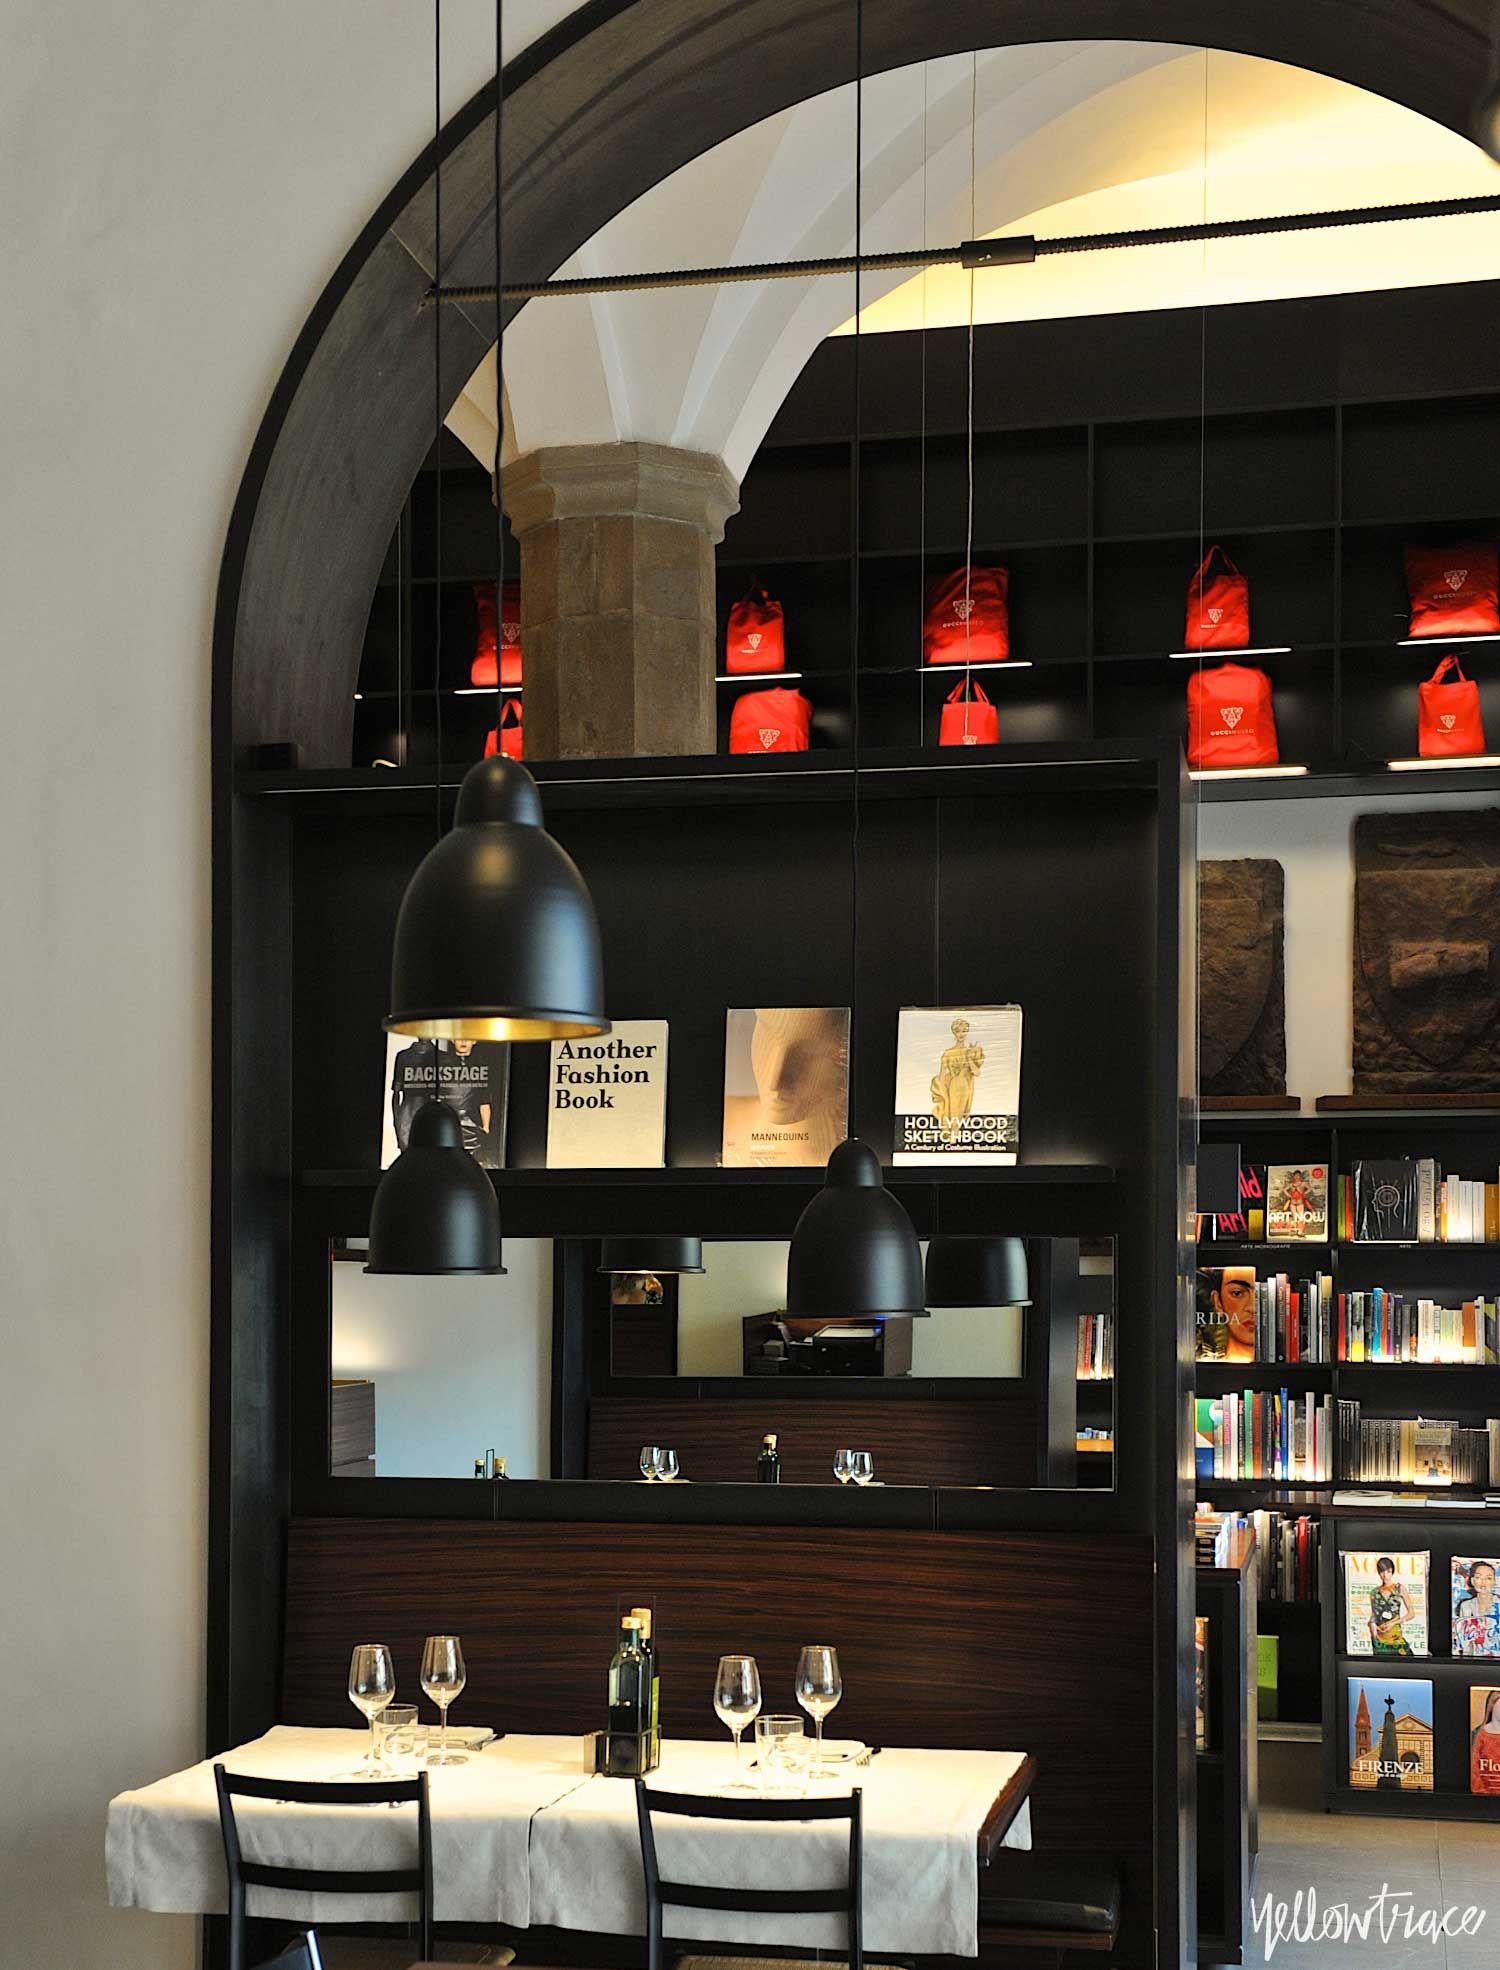 die besten 25 museum florenz ideen auf pinterest florenz italien florenz kathedrale und florenz. Black Bedroom Furniture Sets. Home Design Ideas